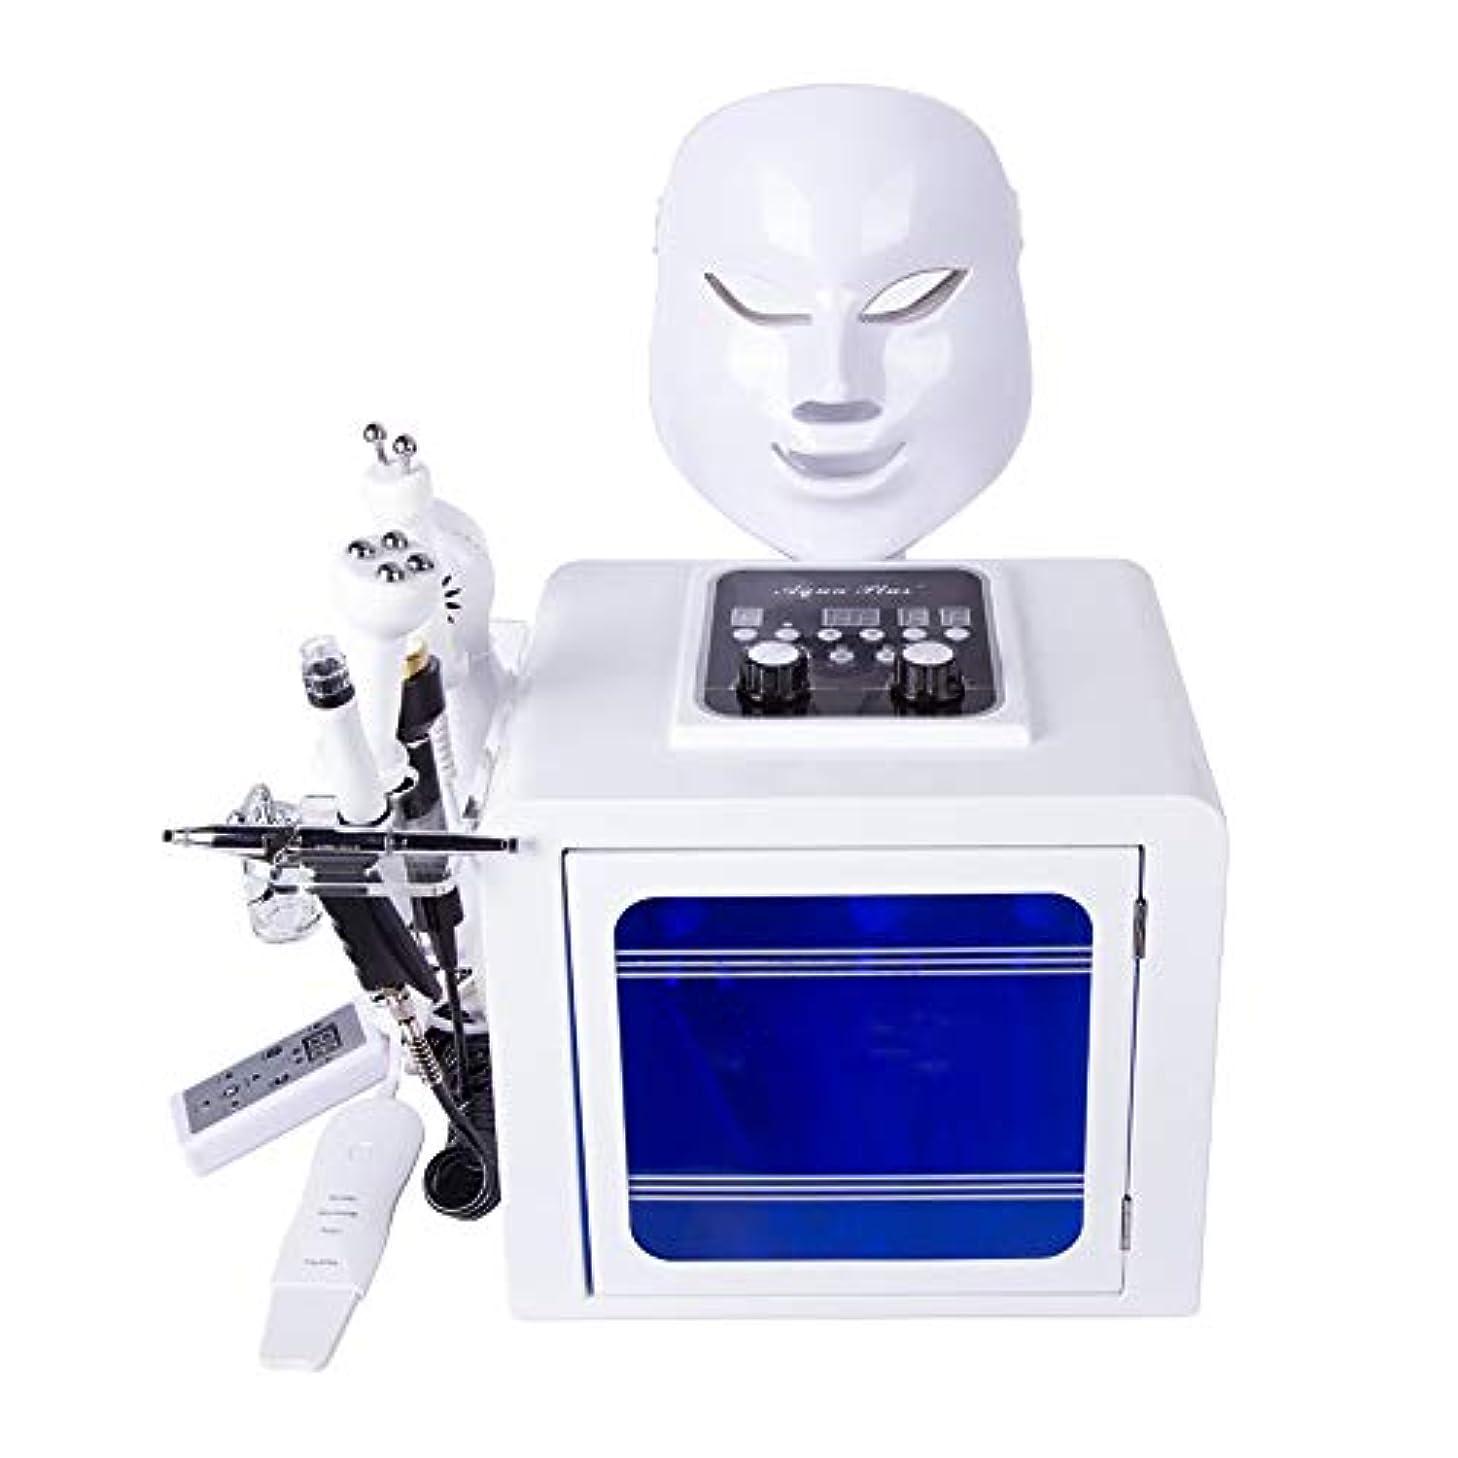 小人地下識別8 1つの水の酸素マシンでは、スキンケアインジェクションフェイシャルモイスチャライジングクリーニング毛穴クリアのためのBIOマイクロマッサージ皮膚剥離ツールを持ち上げる無線周波数ハイドロジェ